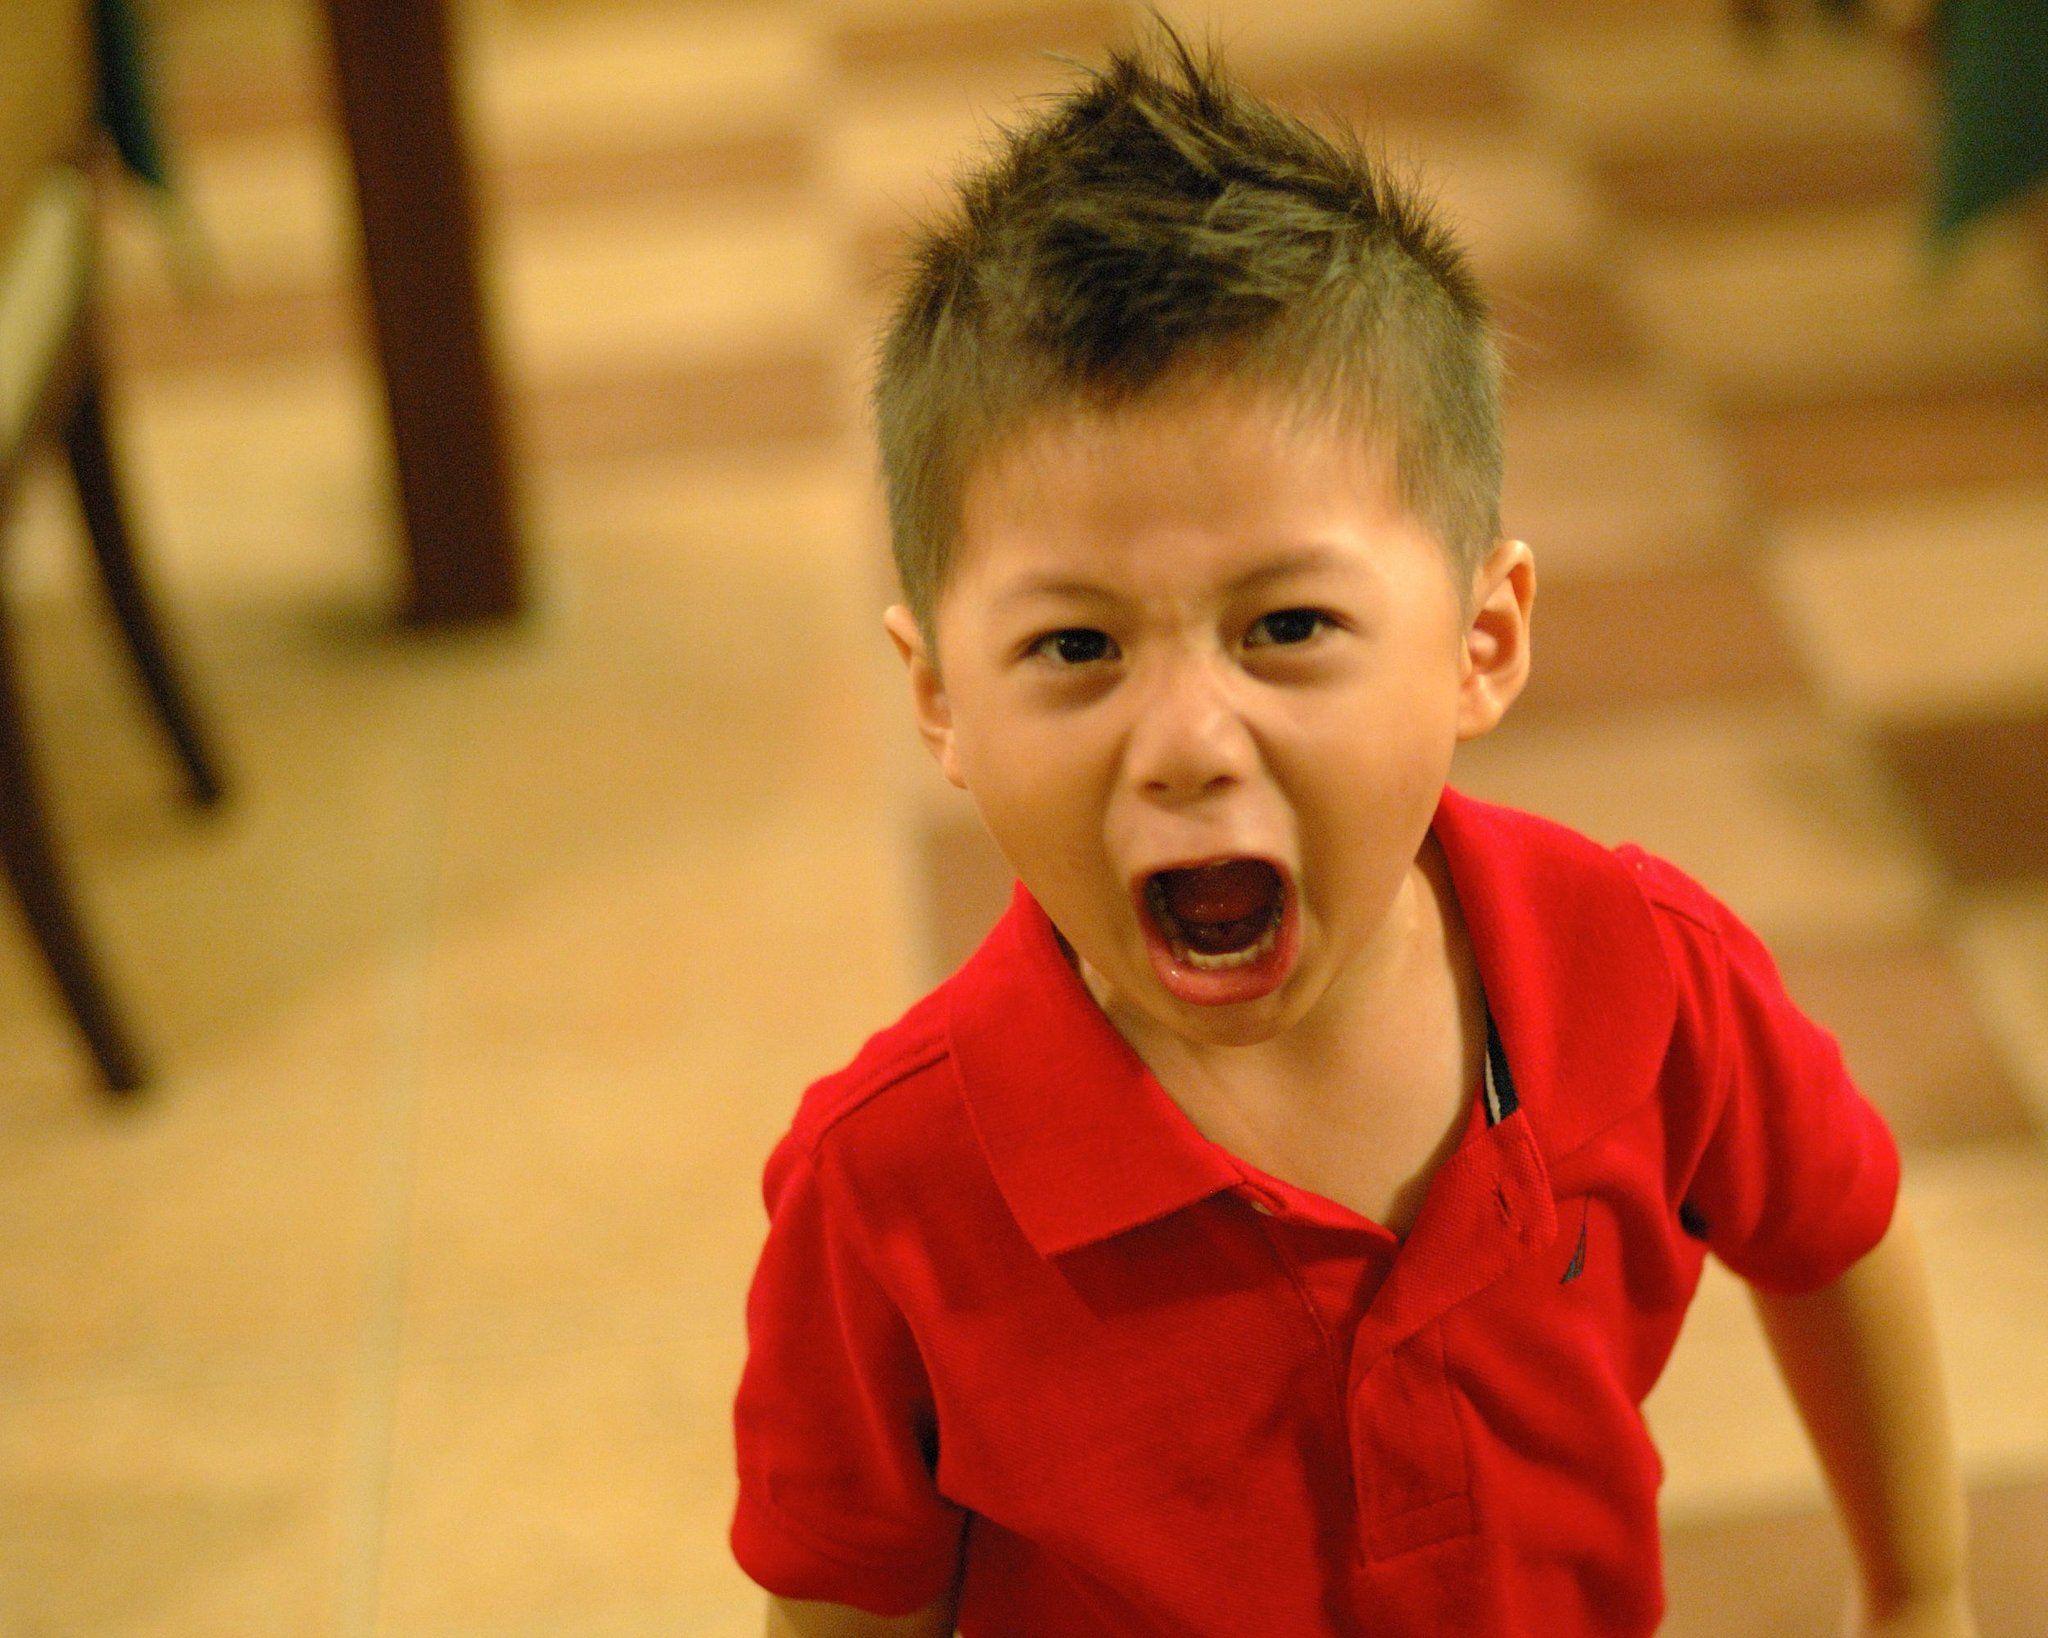 4. Mulai melawan orangtua